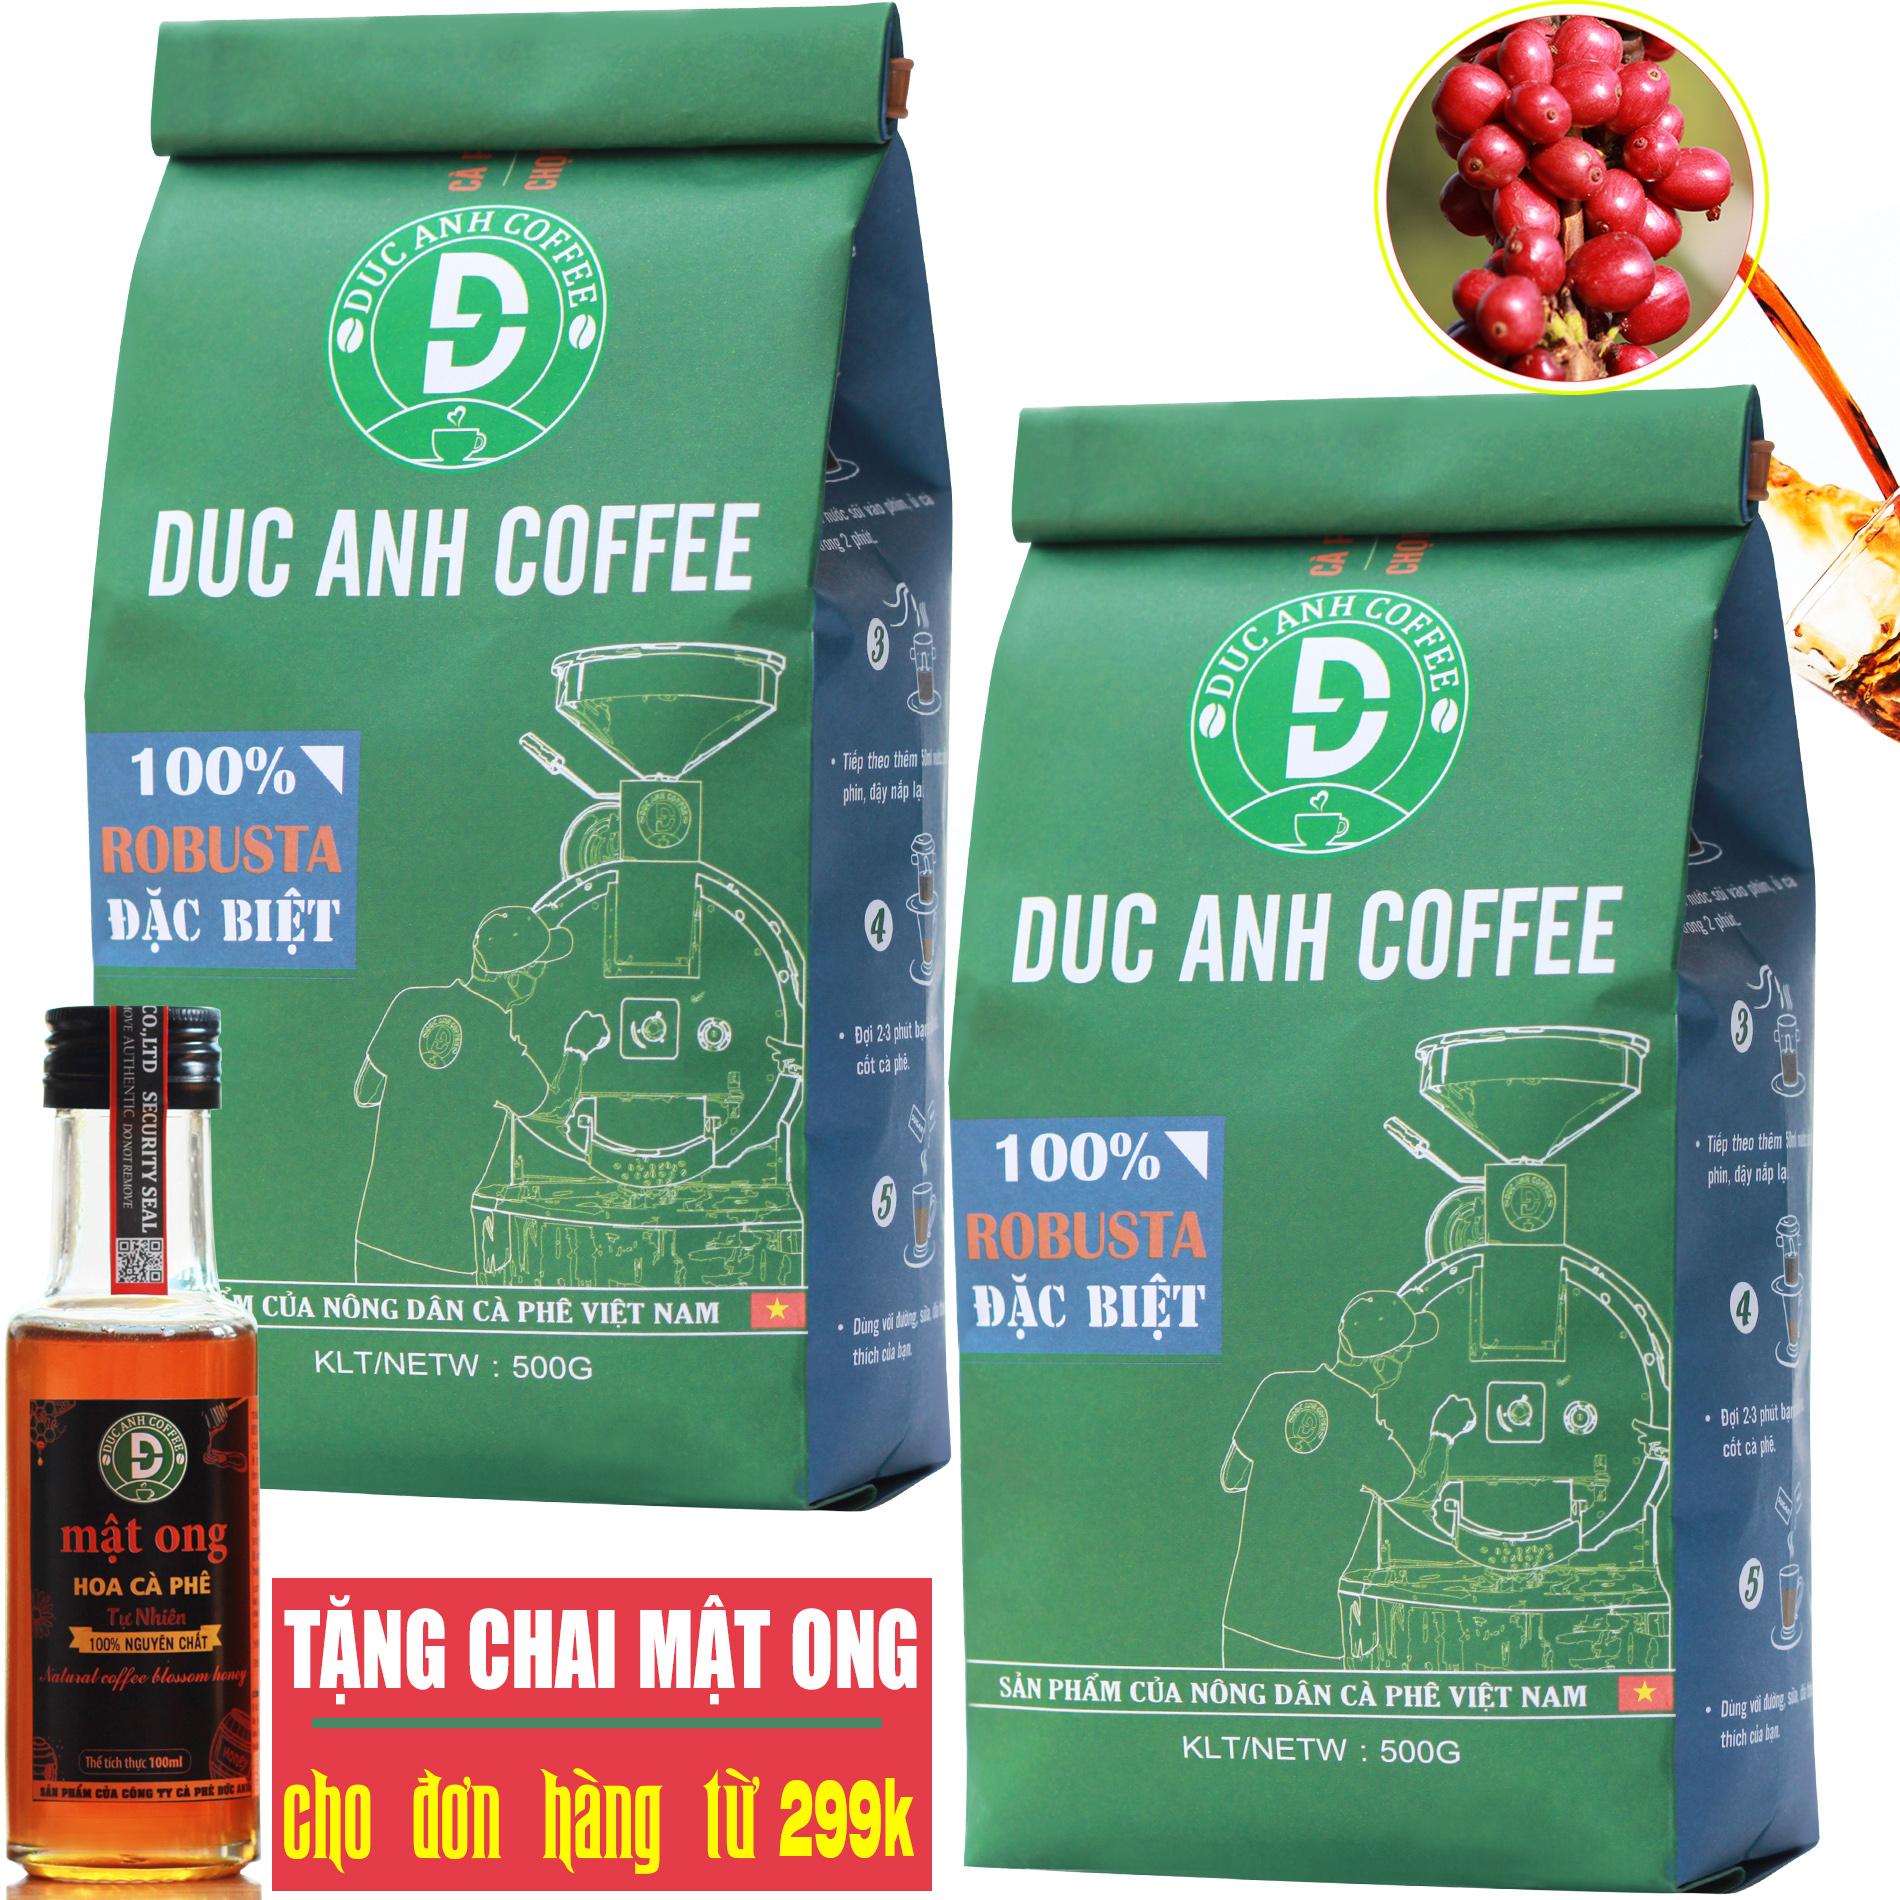 1kg Cà Phê Rang Xay Đặc Biệt DUC ANH COFFEE Rang Mộc Pha Phin - 100% Robusta Thượng Hạng - Chọn Trái Chín - Sản Phẩm Cà Phê Rang Xay Nguyên Chất Bán Chạy Top 1 - Túi Xanh - Tặng Mật Ong Nguyên Chất Cho đơn Từ 299k Siêu Giảm Giá